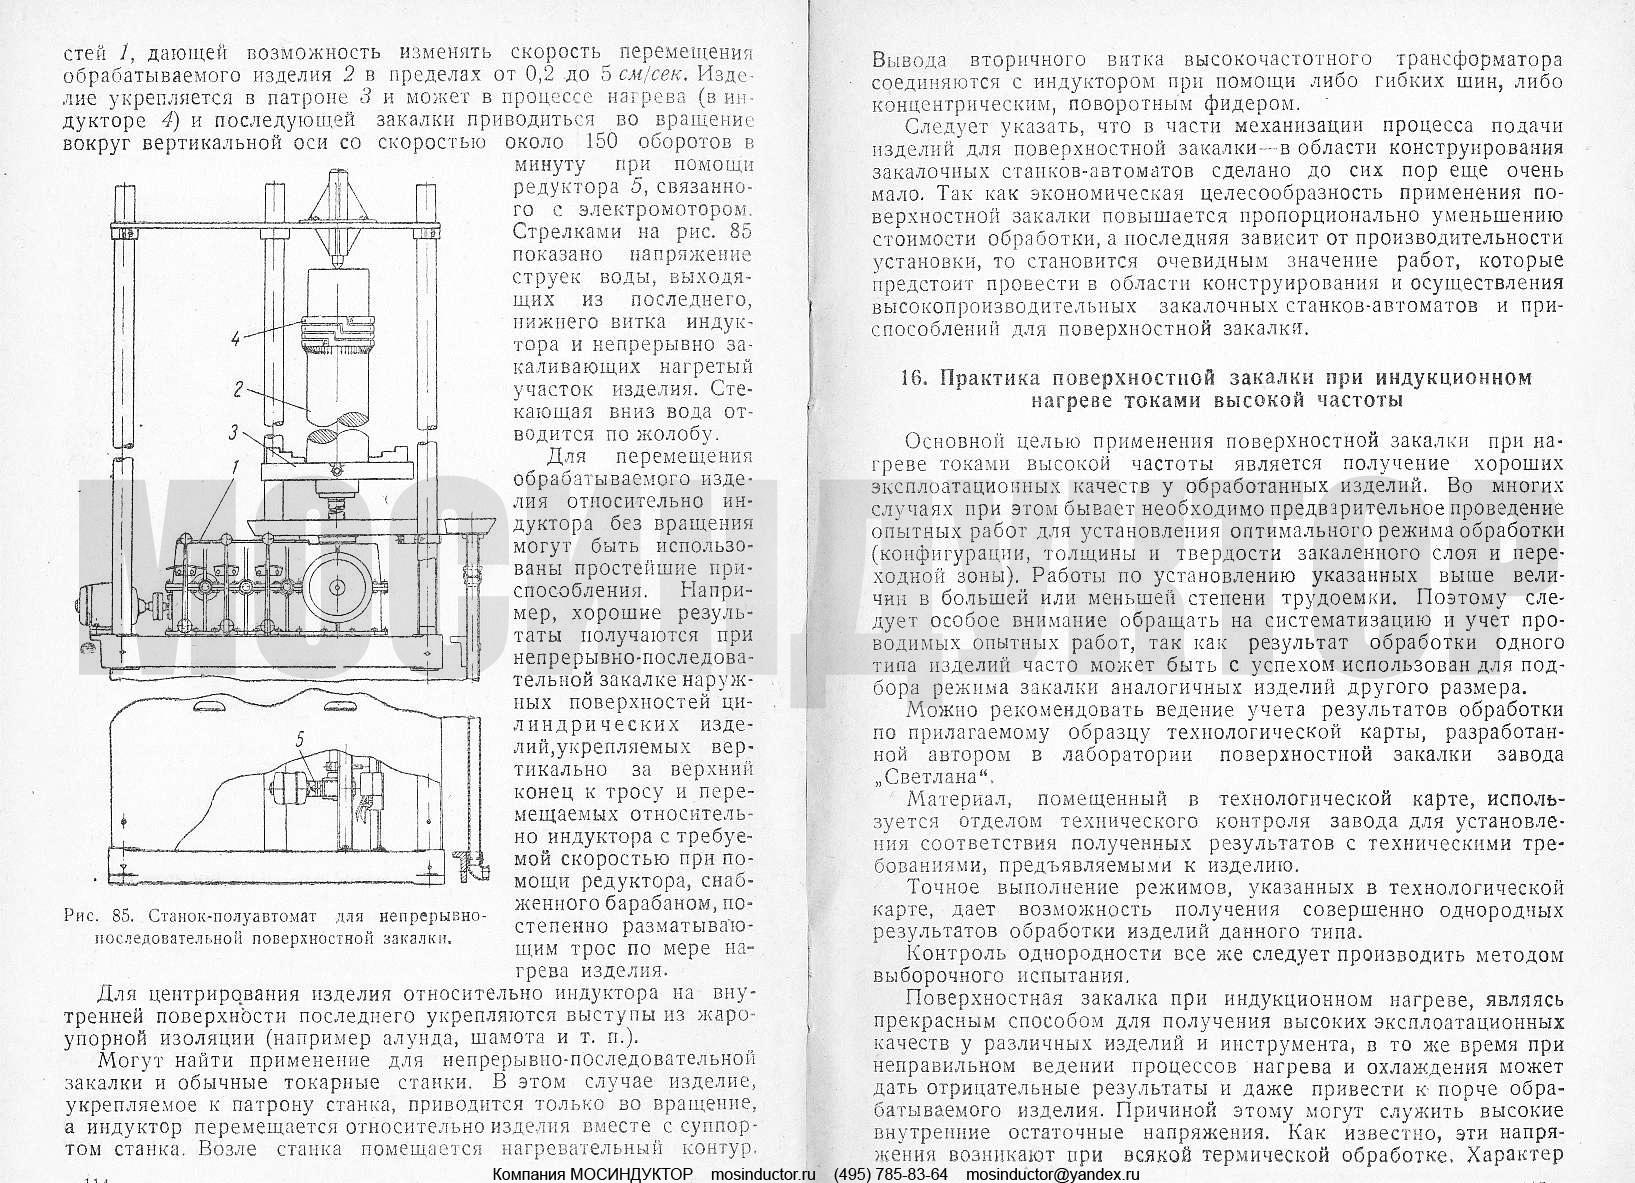 Обучение термиста на установках твч - промподготовка-образование